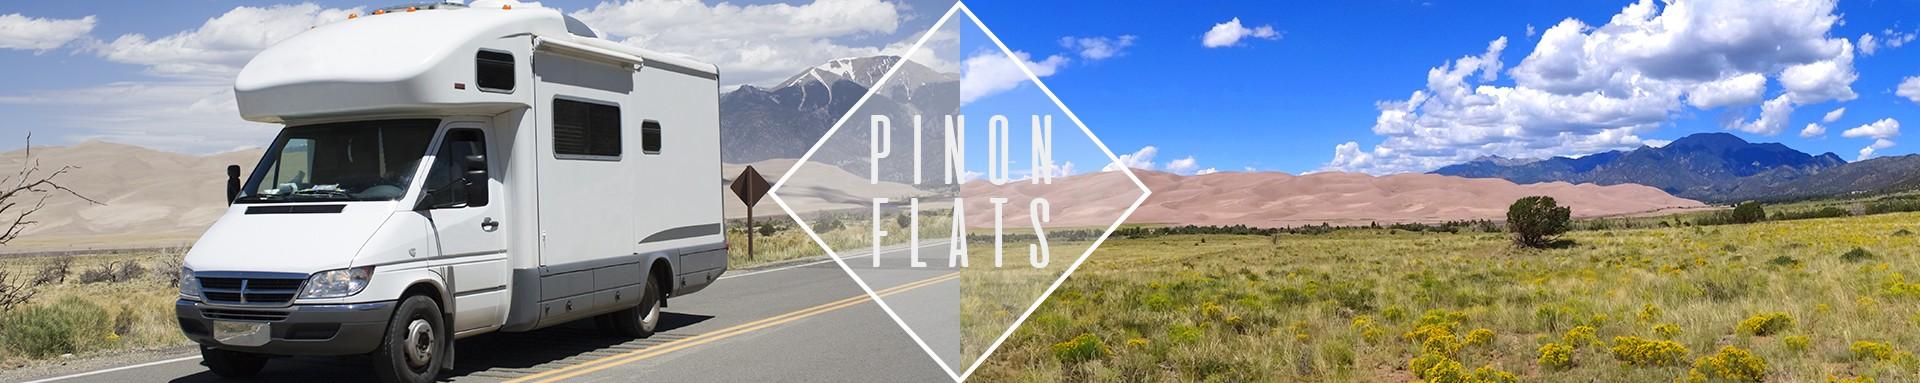 pinon flats